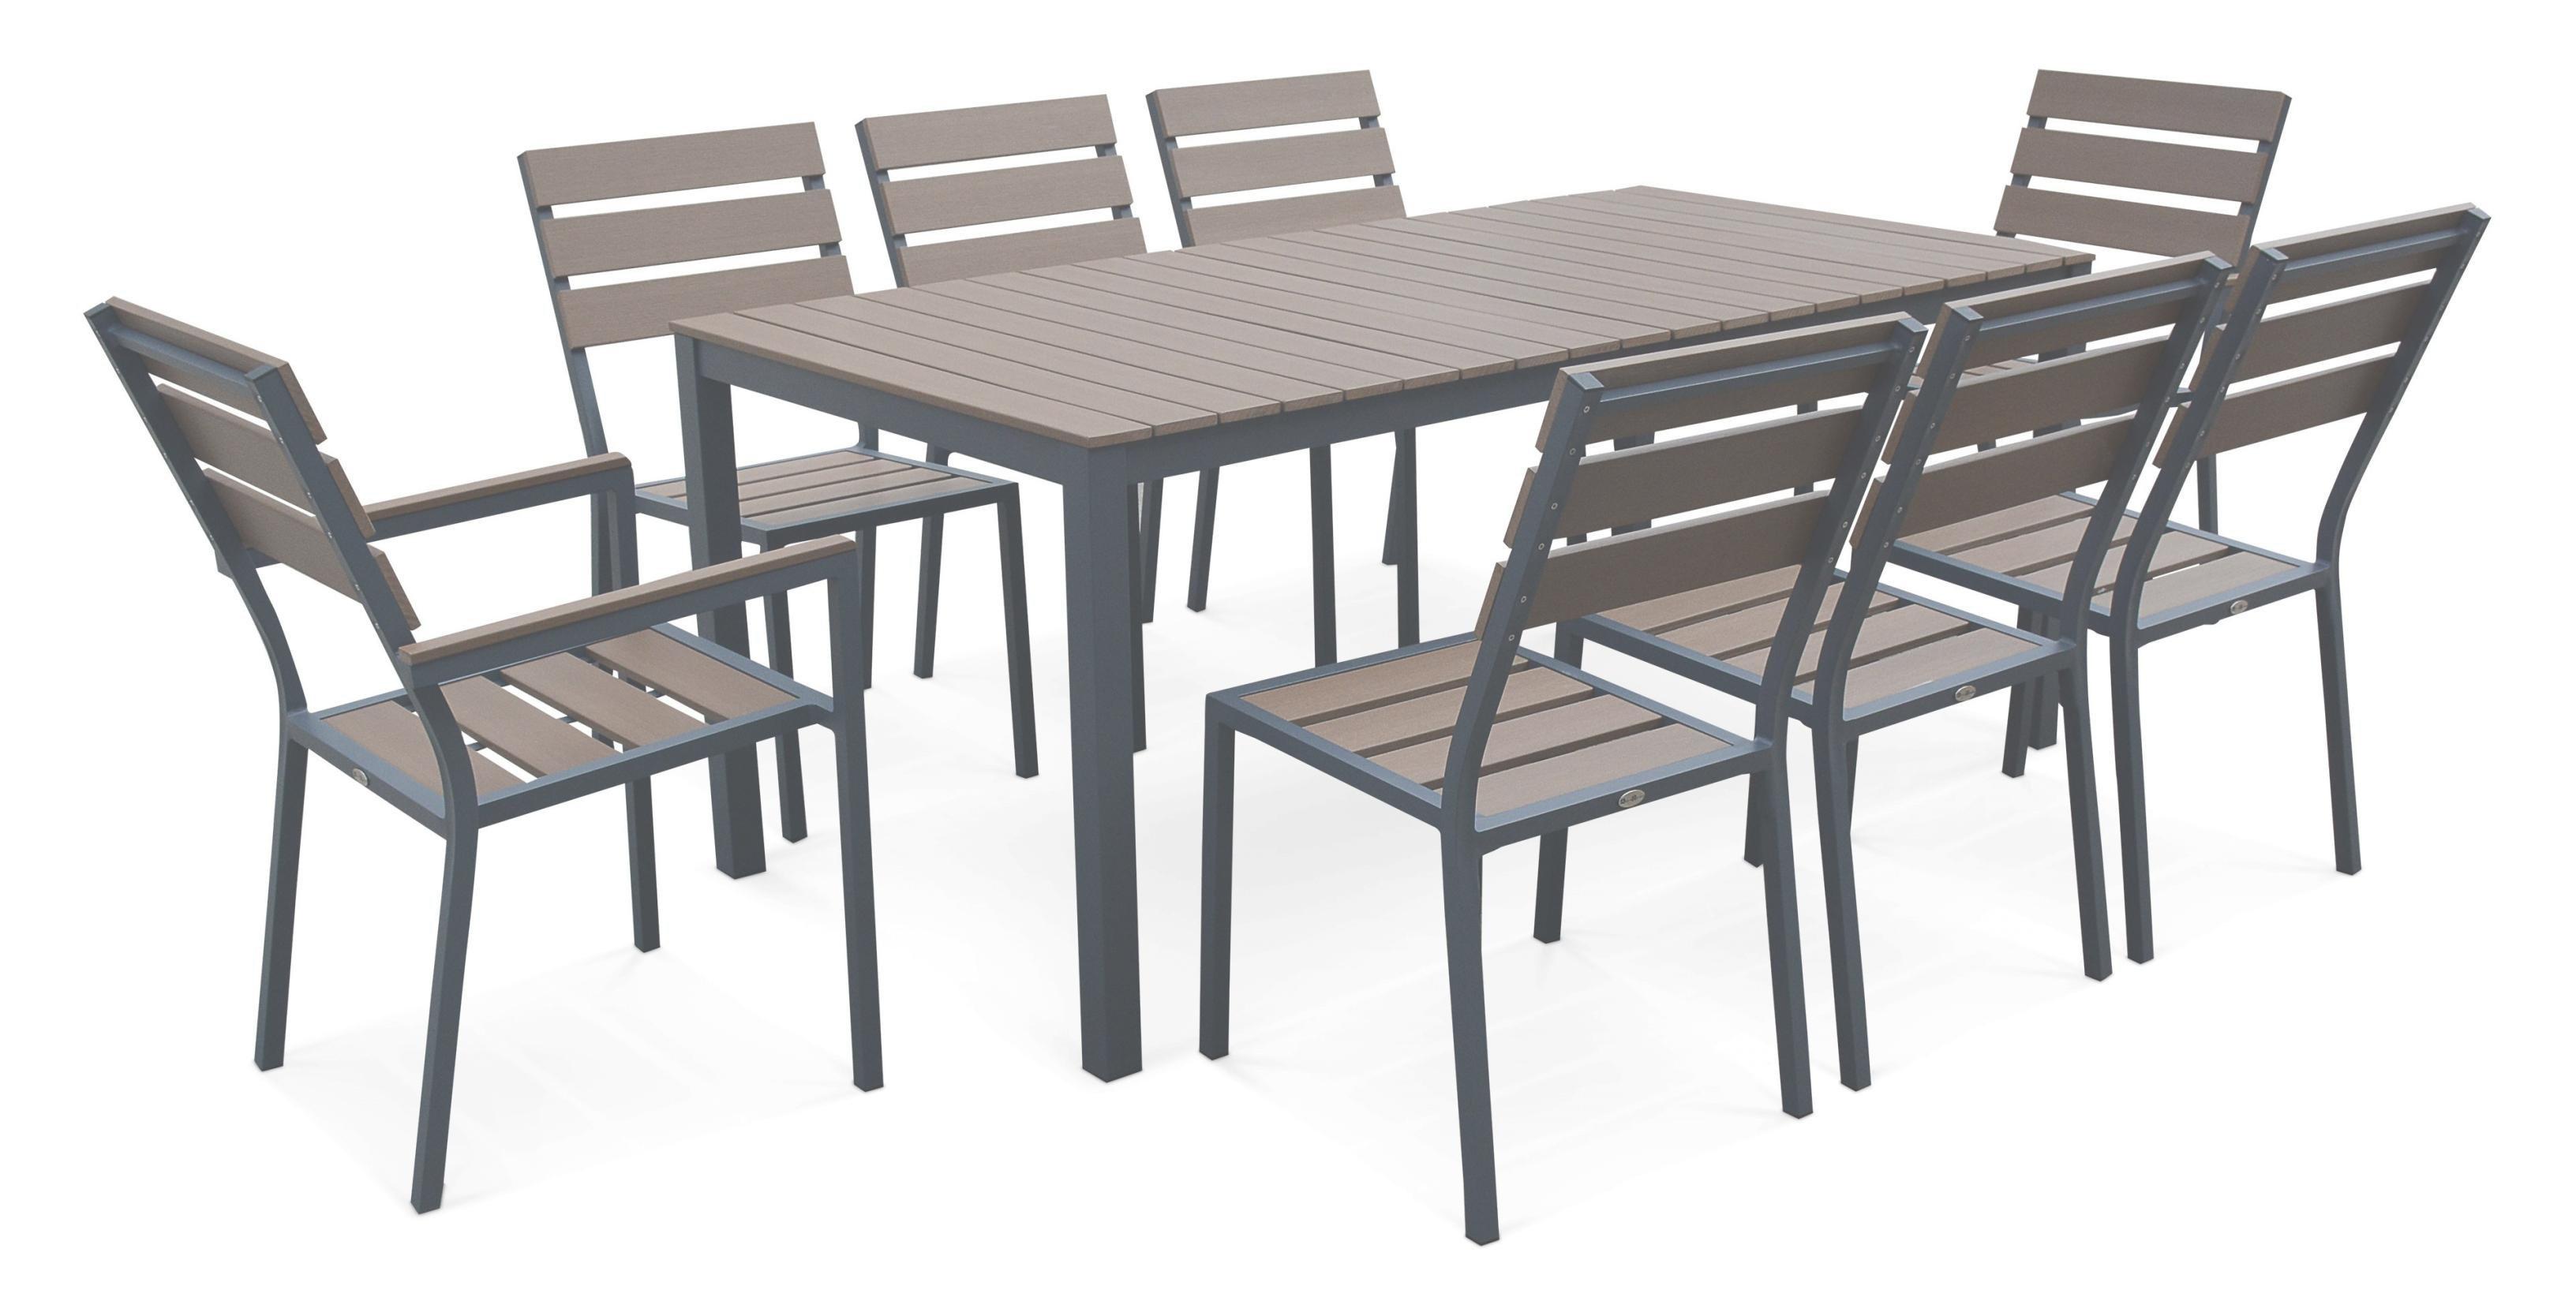 Salon de jardin alu polywood